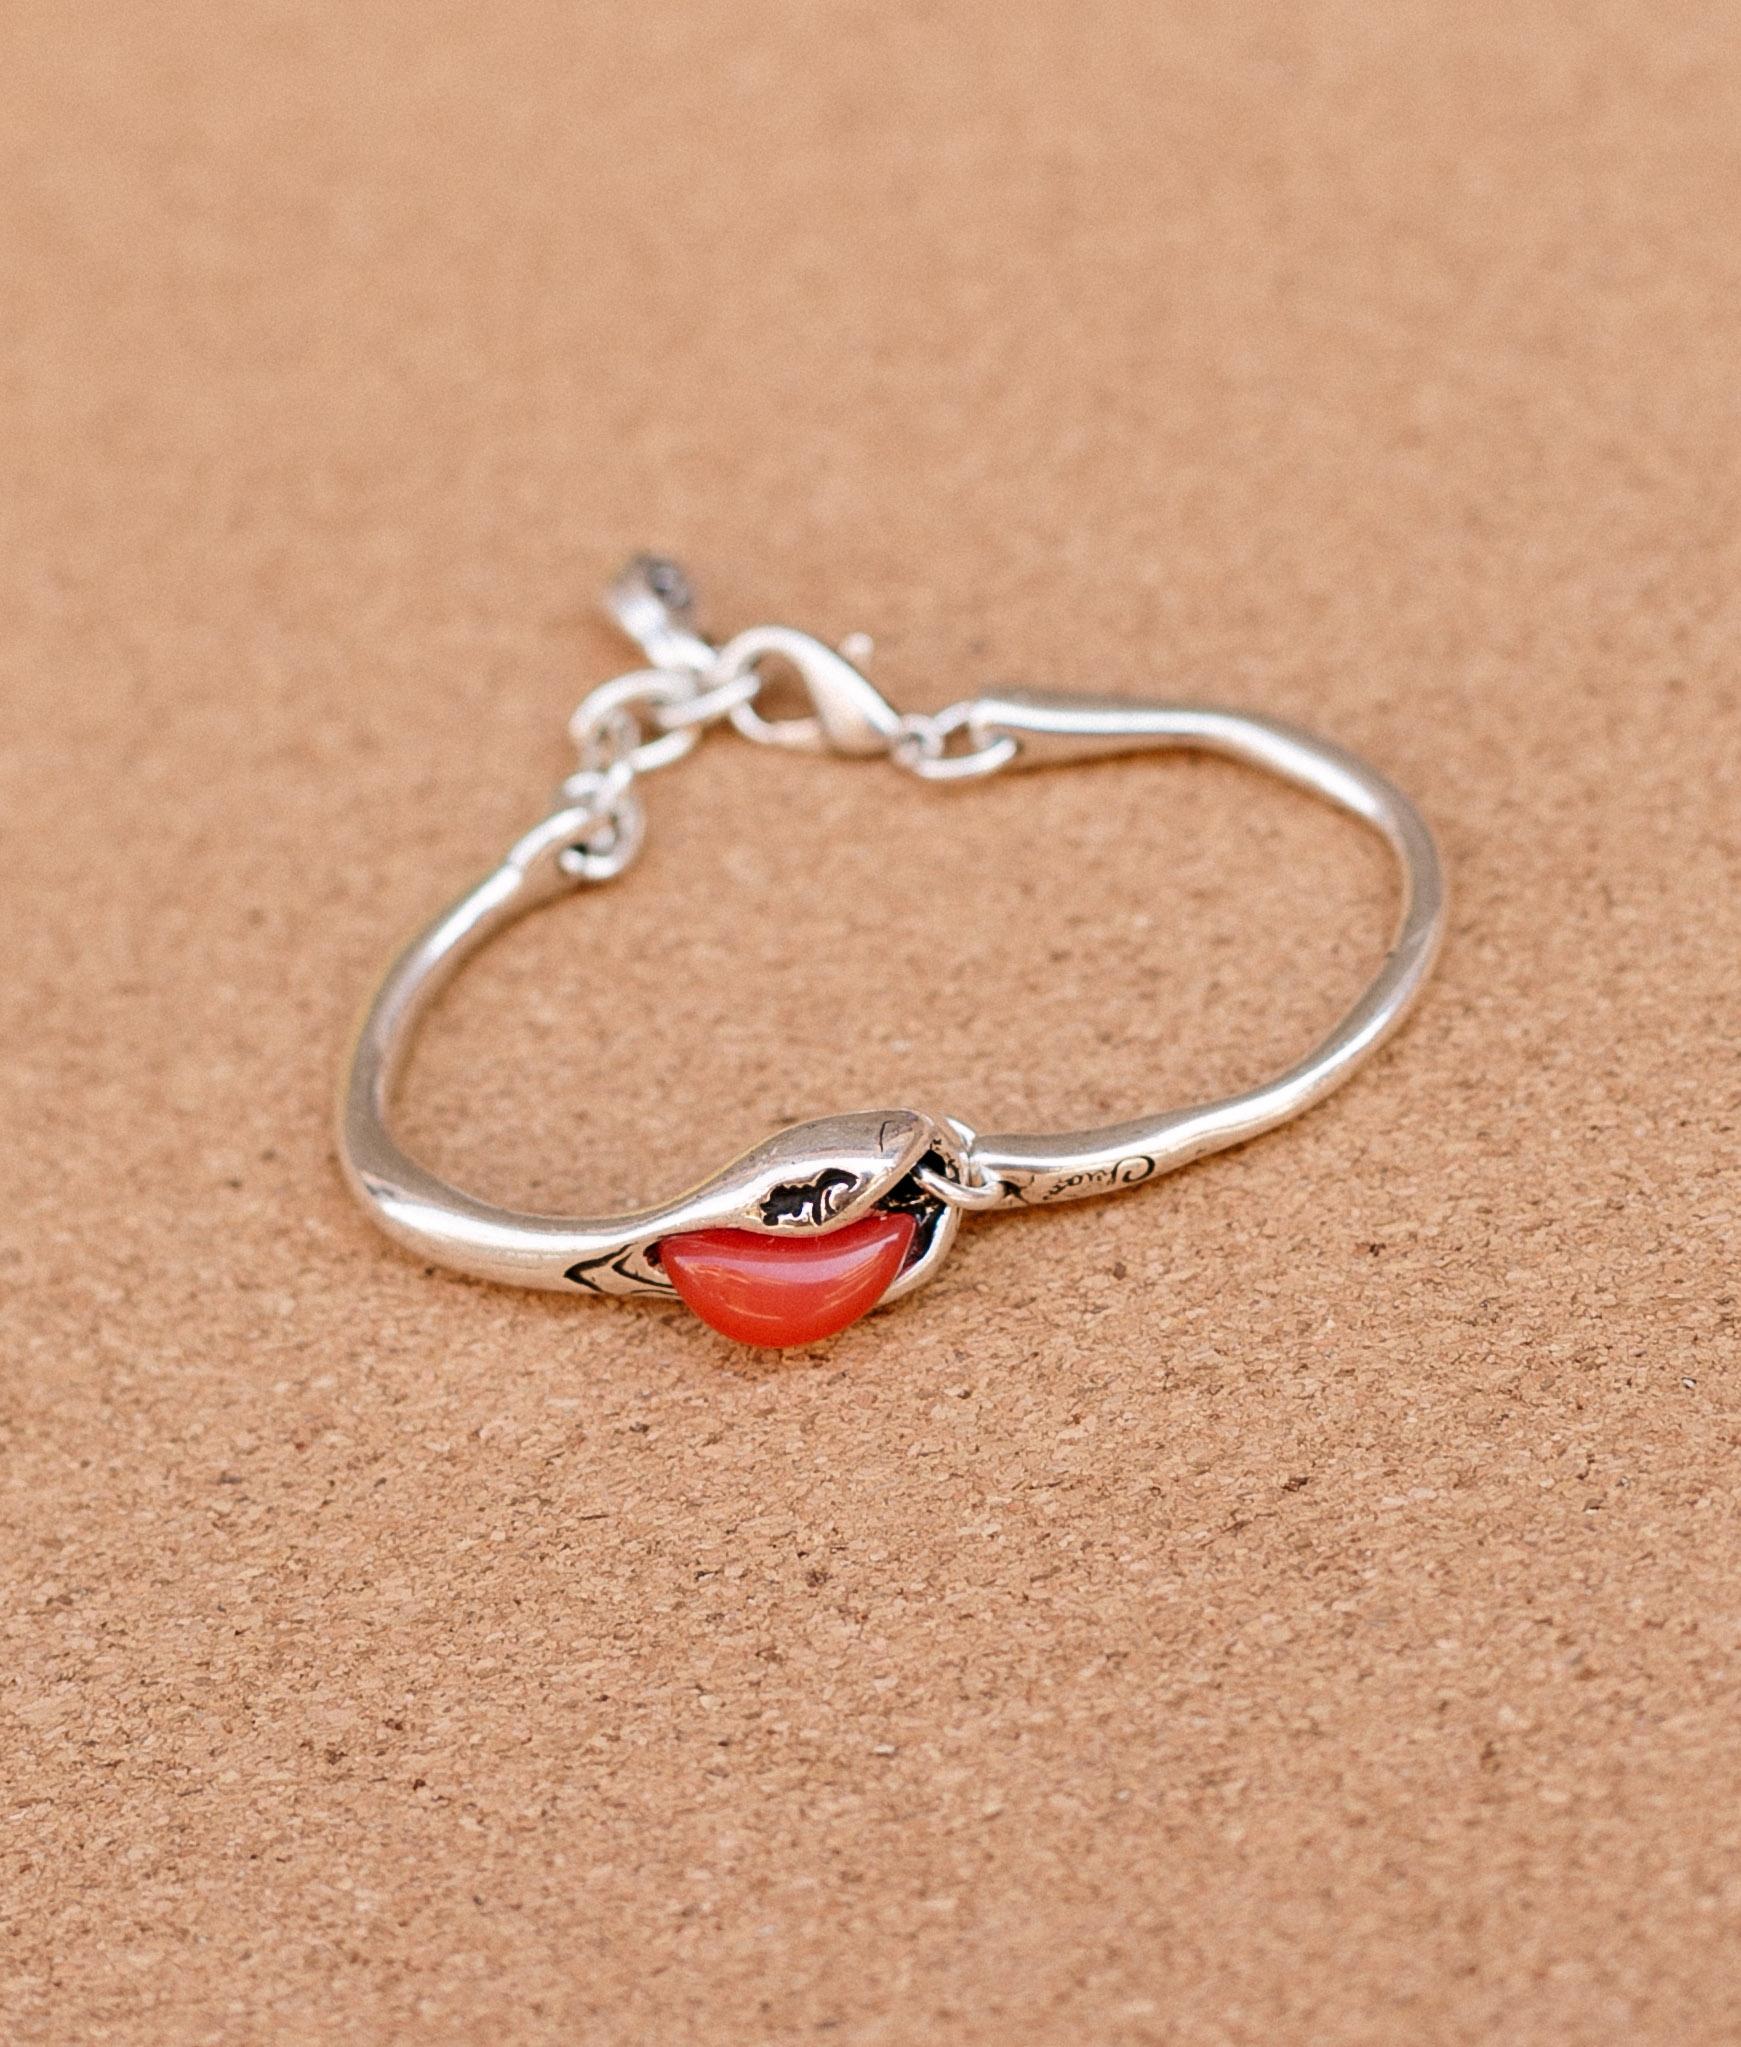 Bracelet Baobad Solid - Red